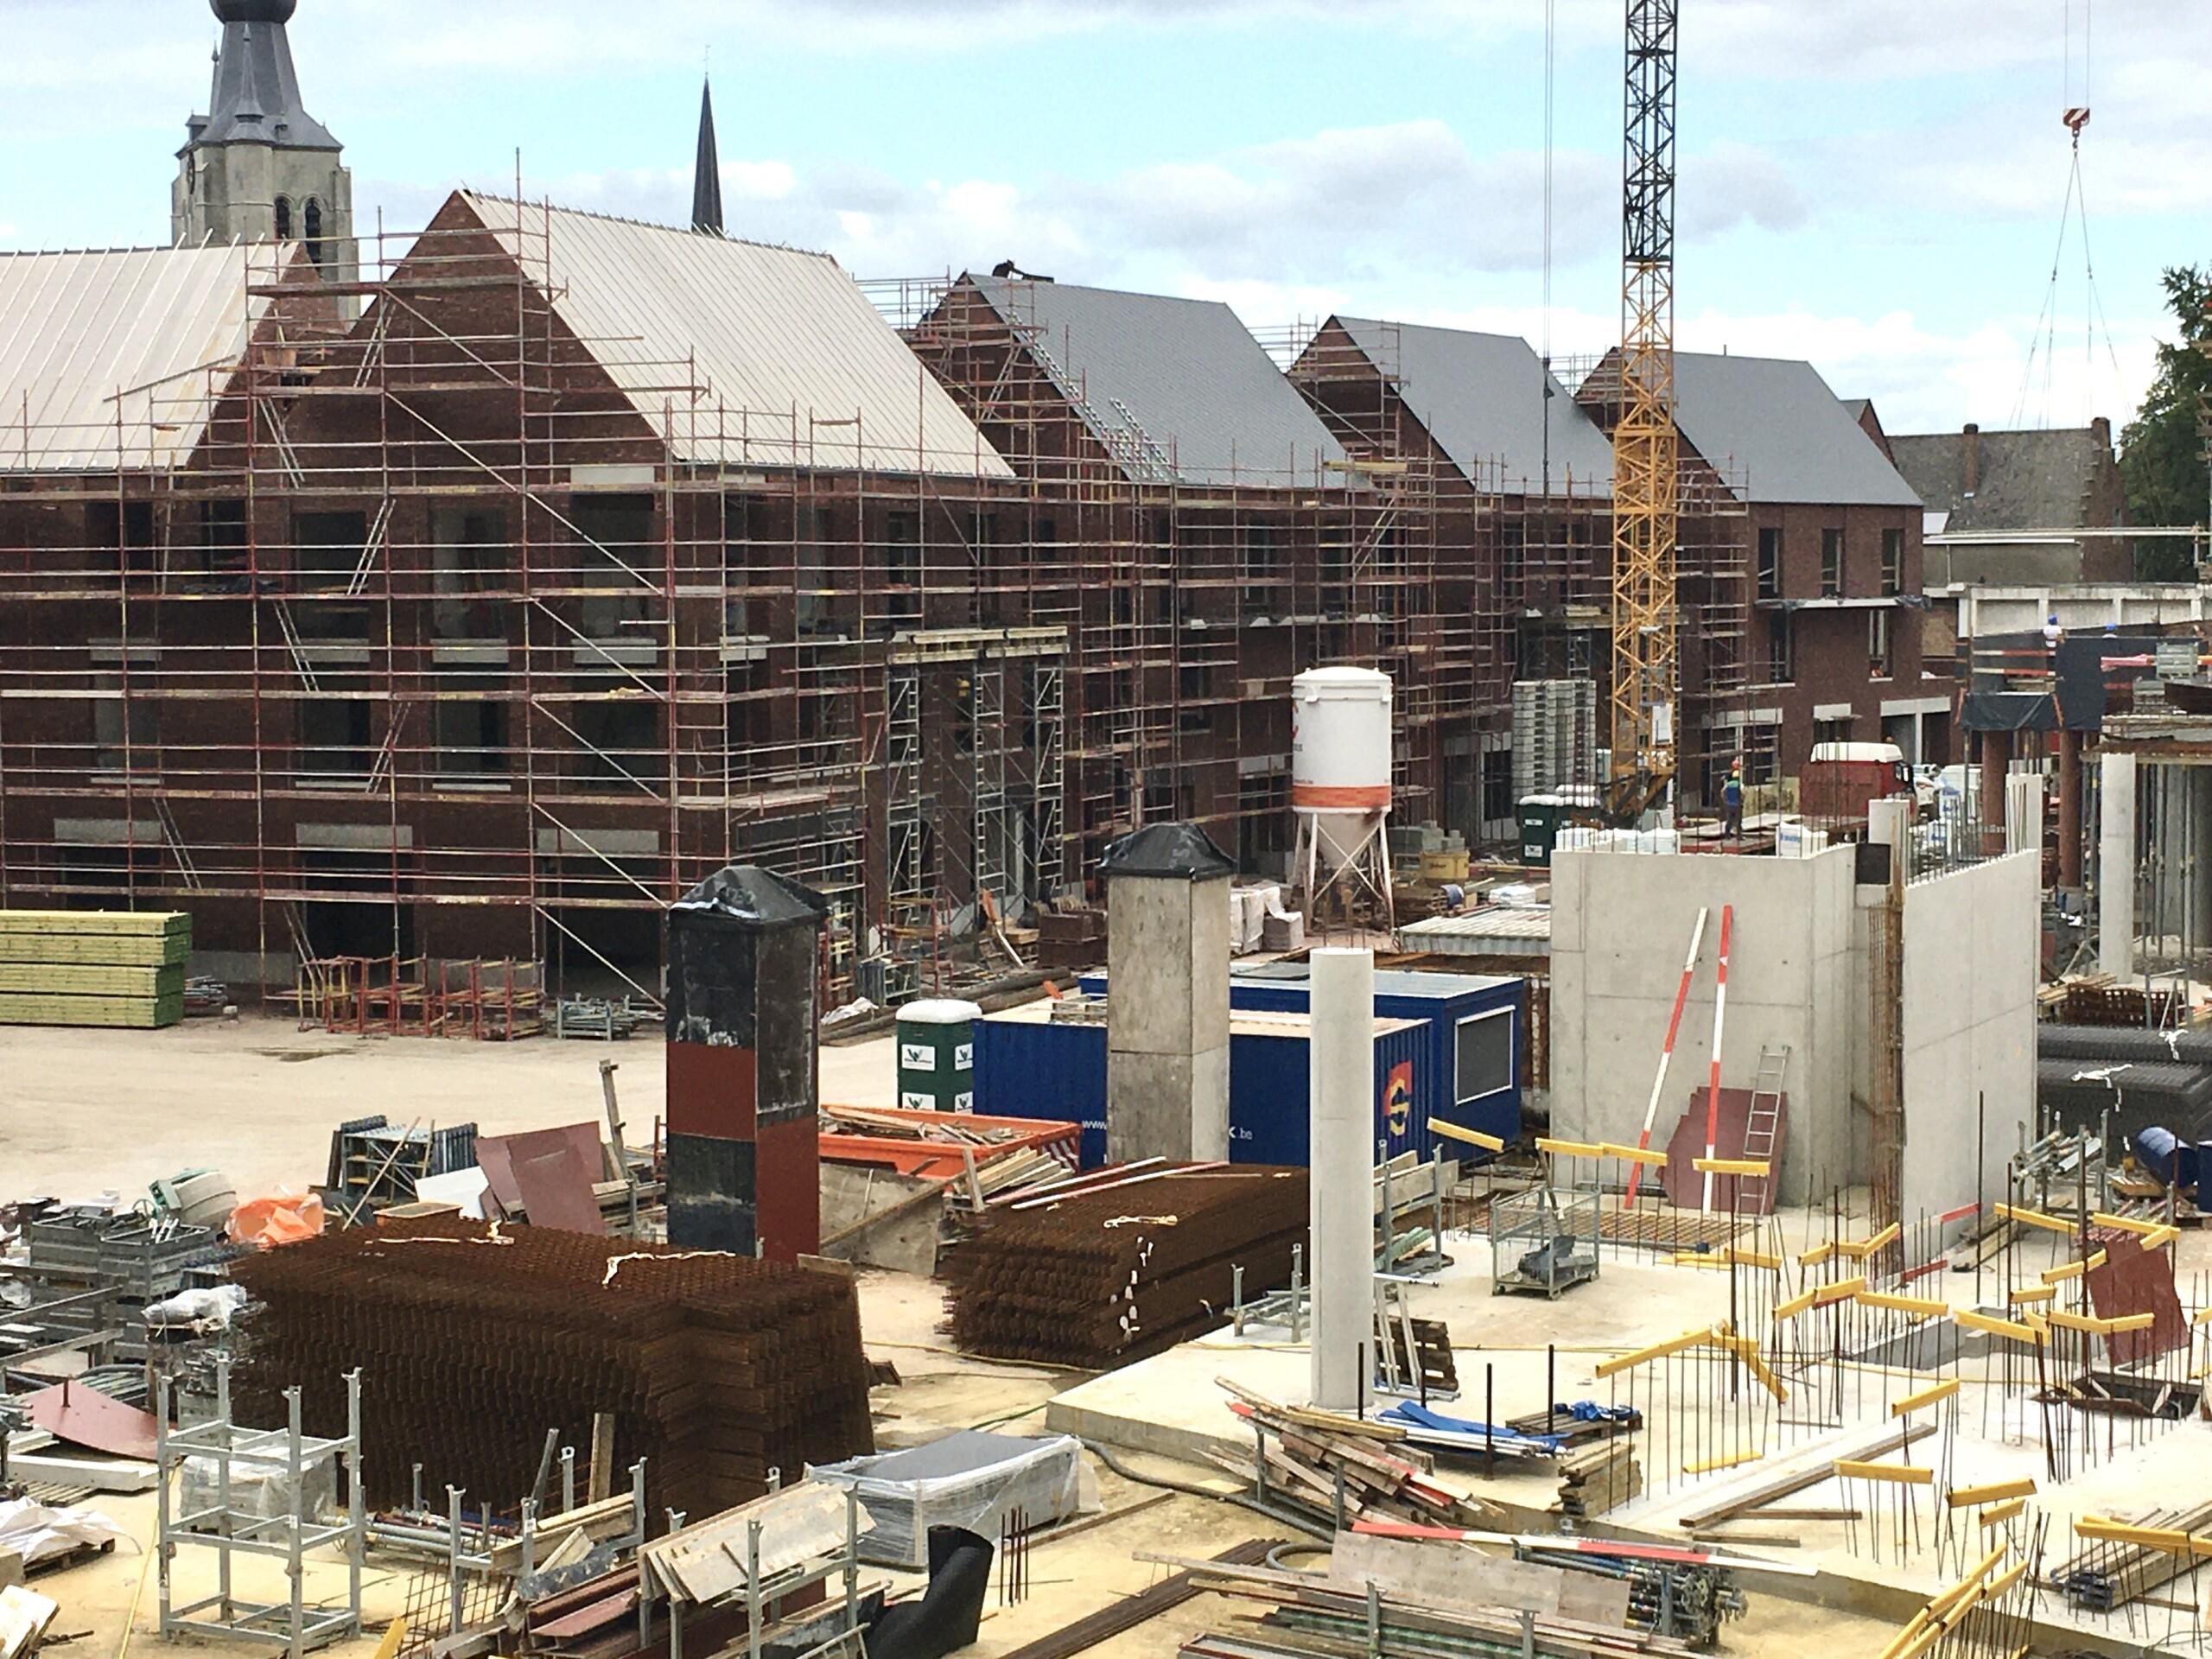 Ontdek ons project De Torens op zaterdag 18/9